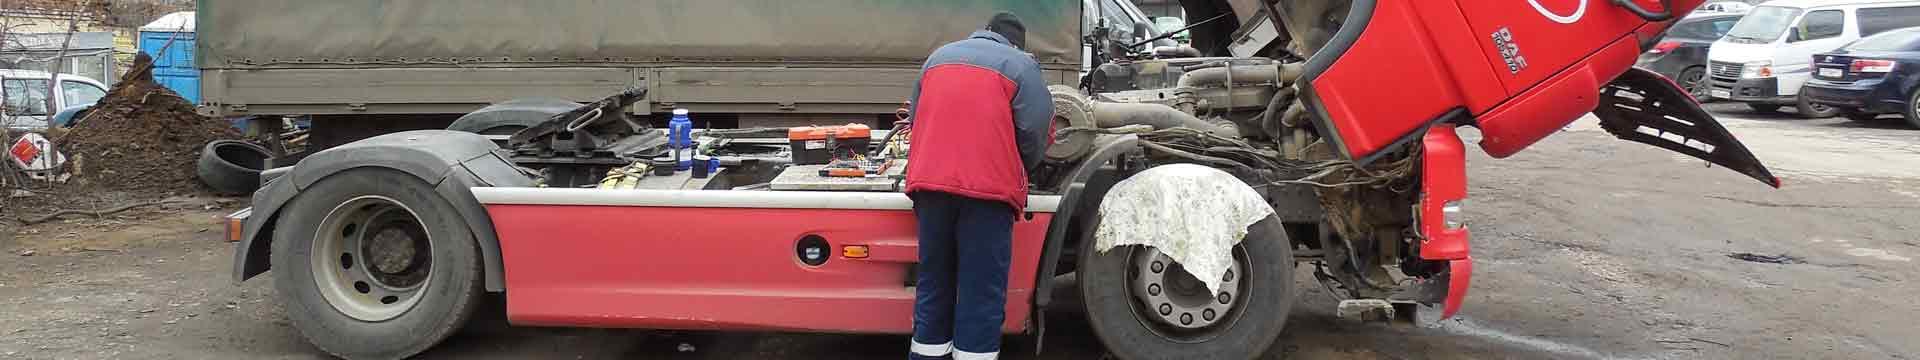 Ремонт грузовых автомобилей DAF на выезде